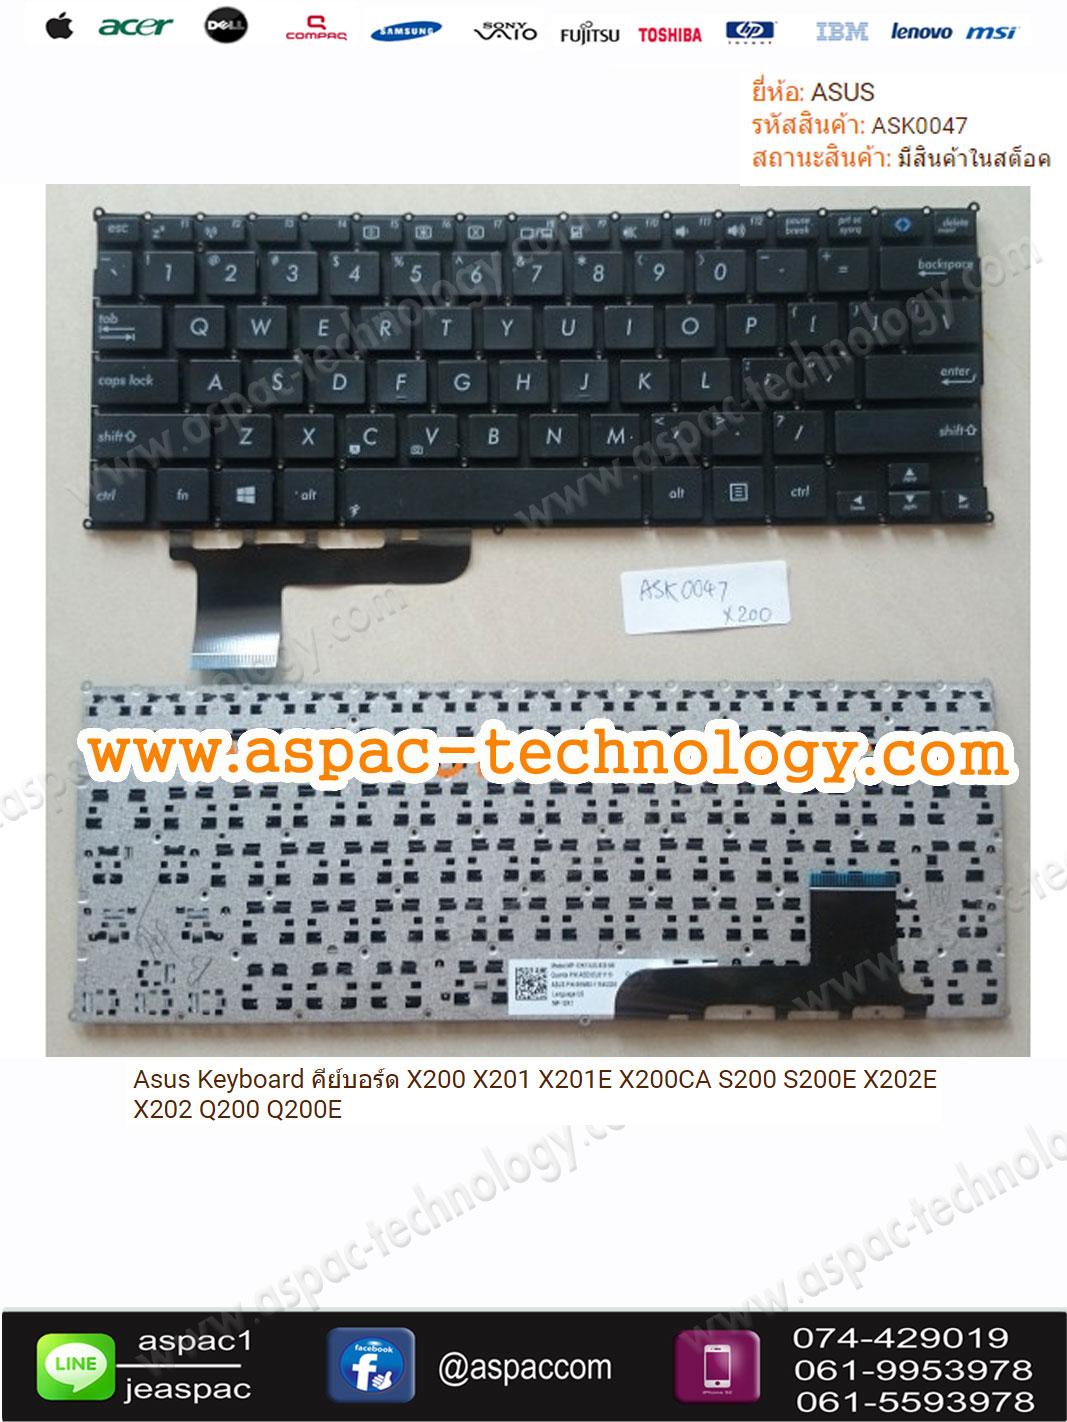 Asus Keyboard คีย์บอร์ด X200 X201 X201E X200CA S200 S200E X202E X202 Q200 Q200E